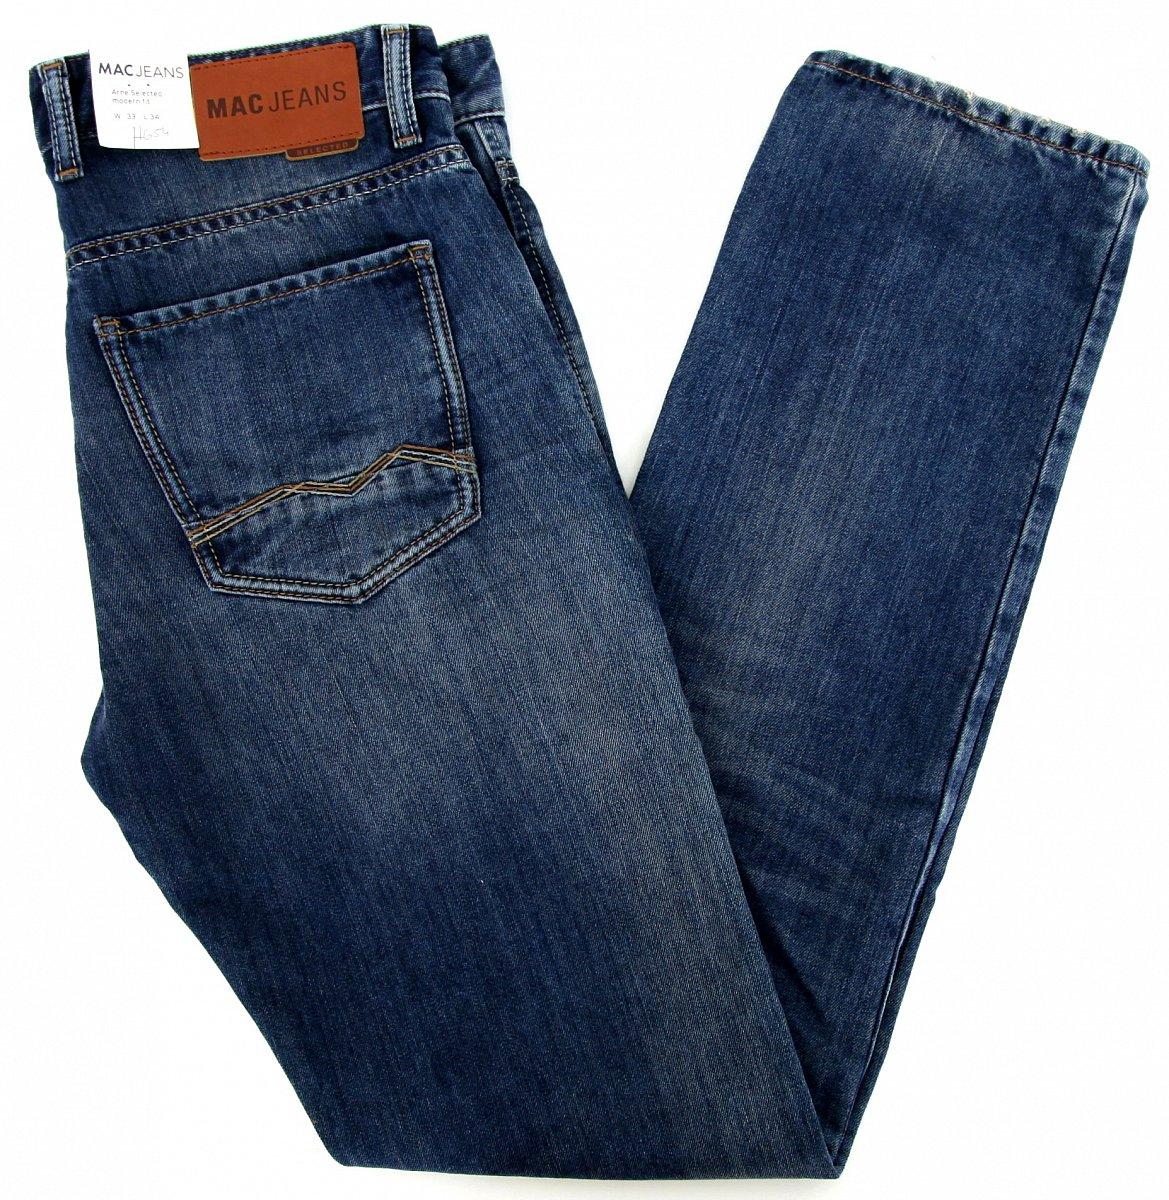 mac jeans selected herren hose men pants arne modern fit w33 l34 h654 091751 neu ebay. Black Bedroom Furniture Sets. Home Design Ideas